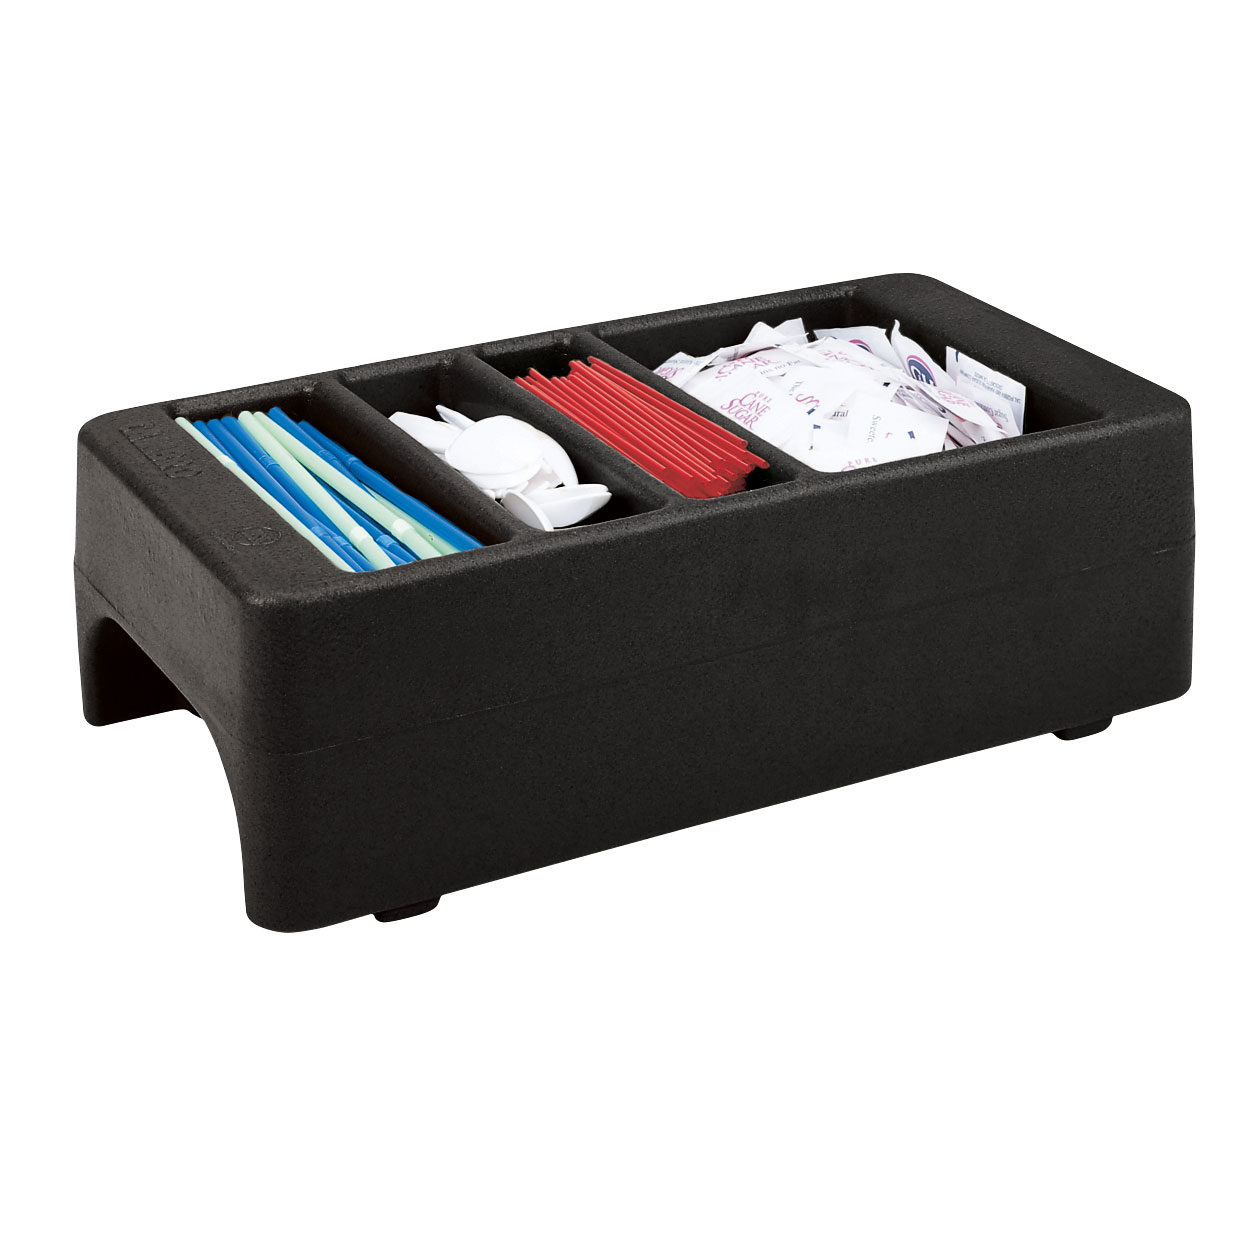 Cambro LCDCH110 countertop organizers